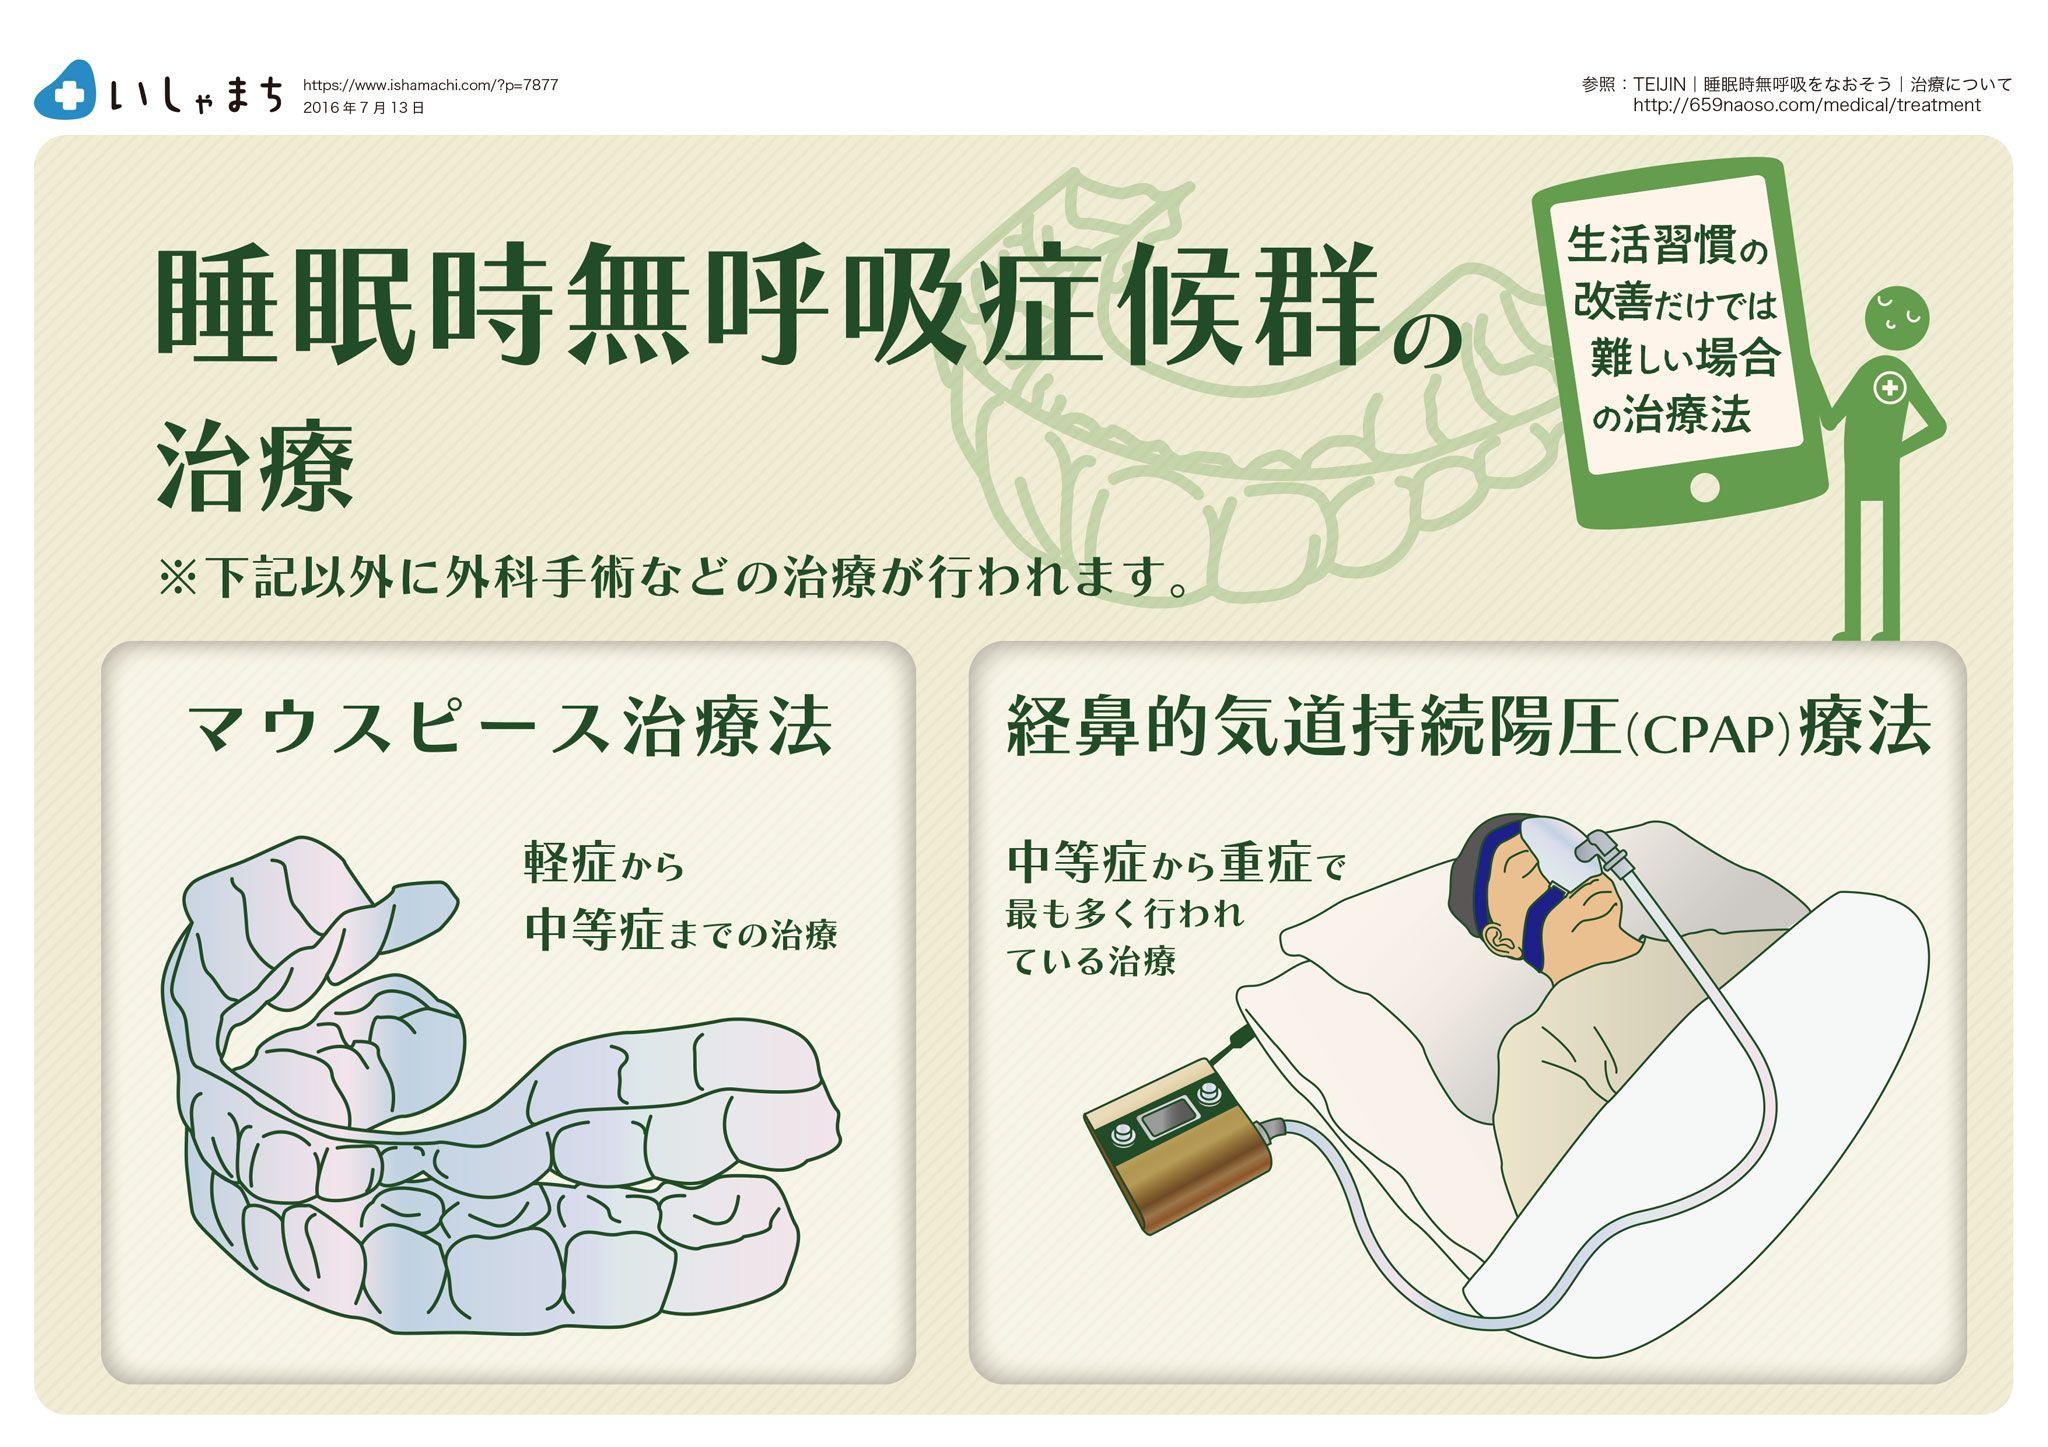 治療 無 呼吸 症候群